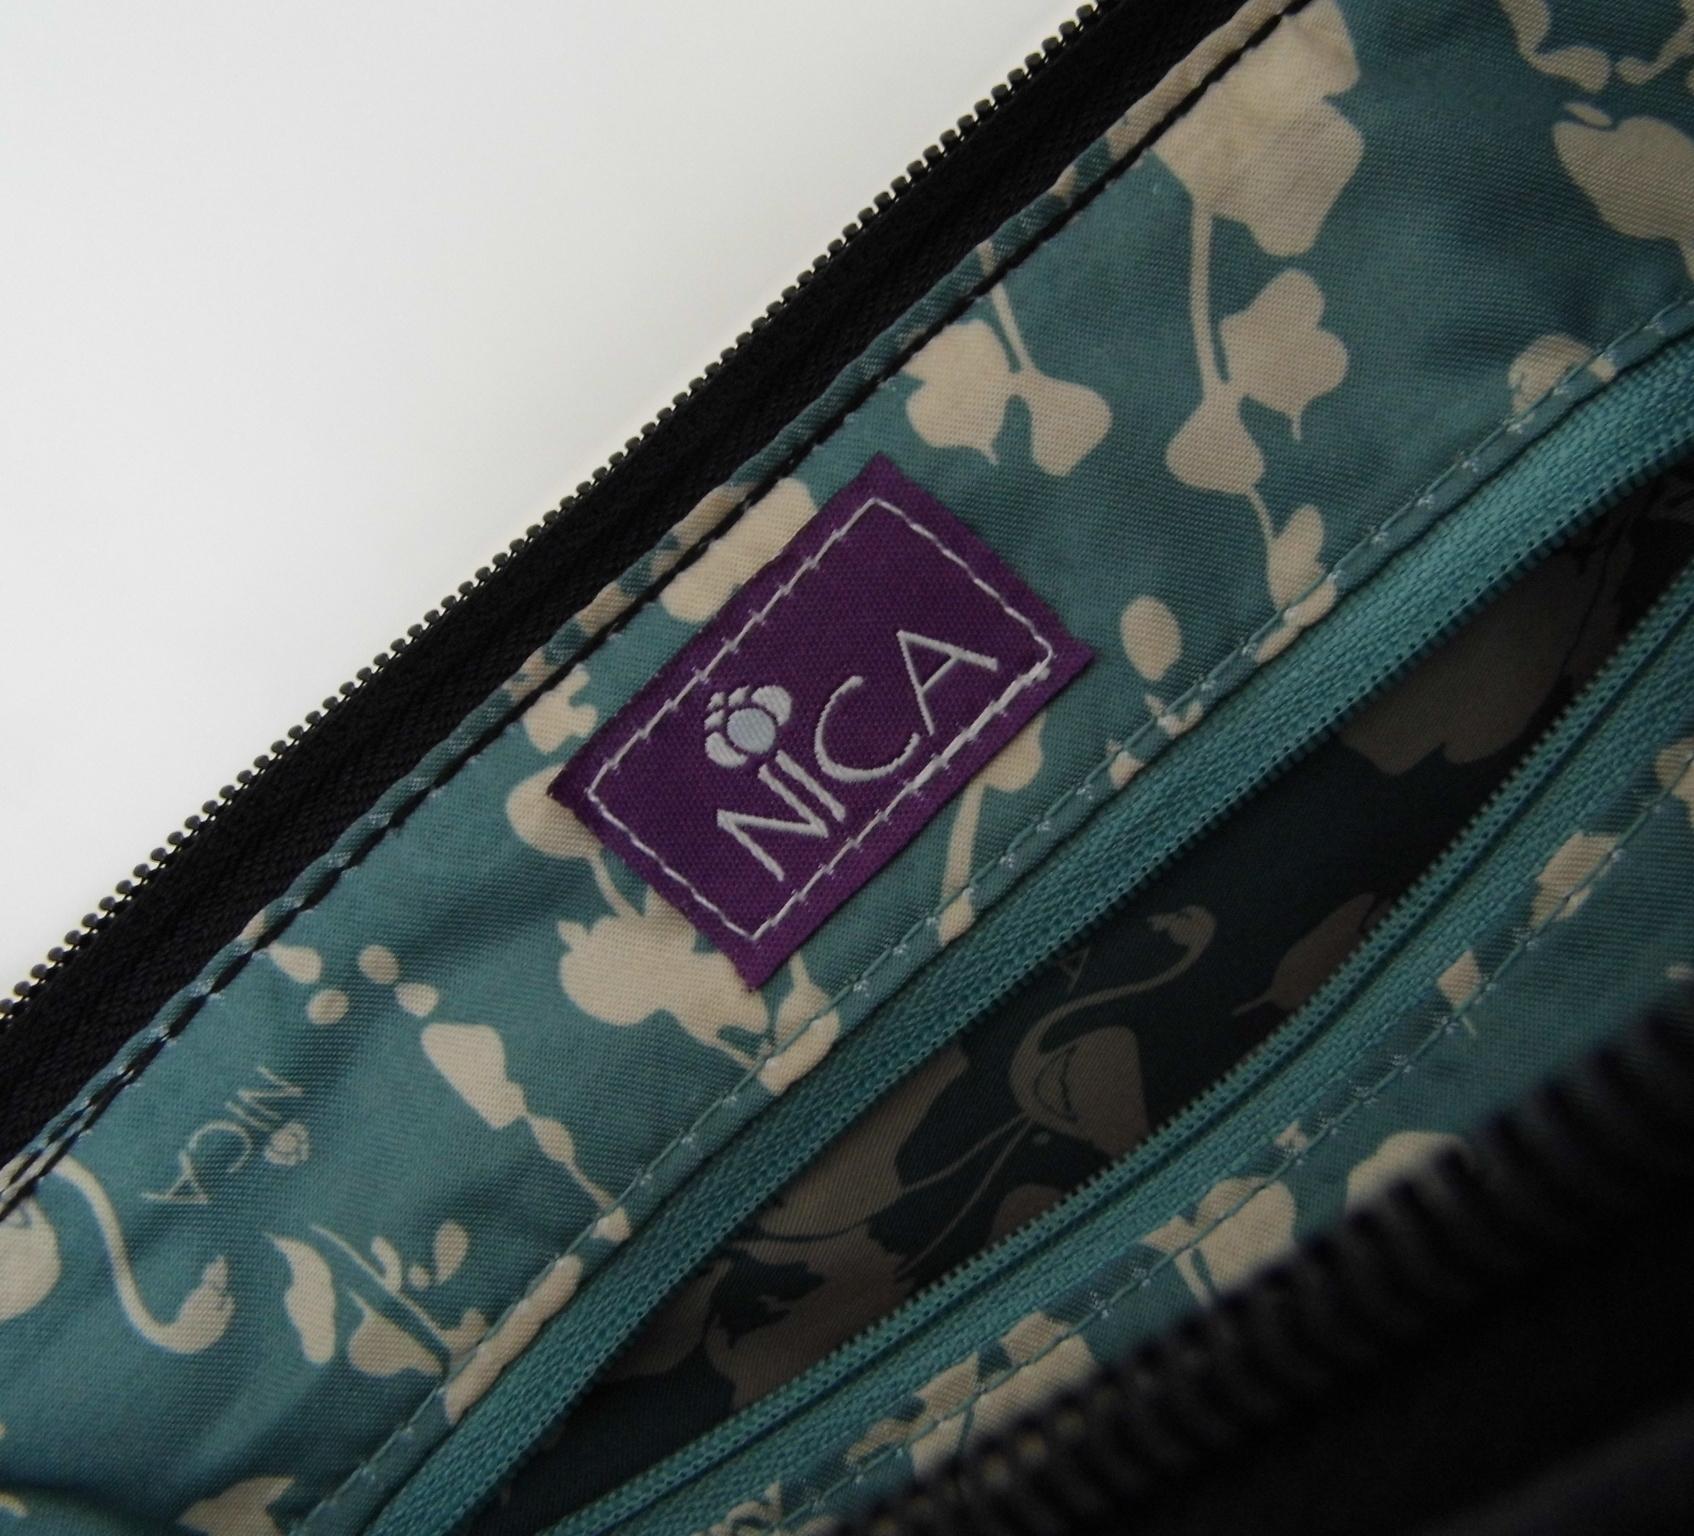 Nica Handbag lining